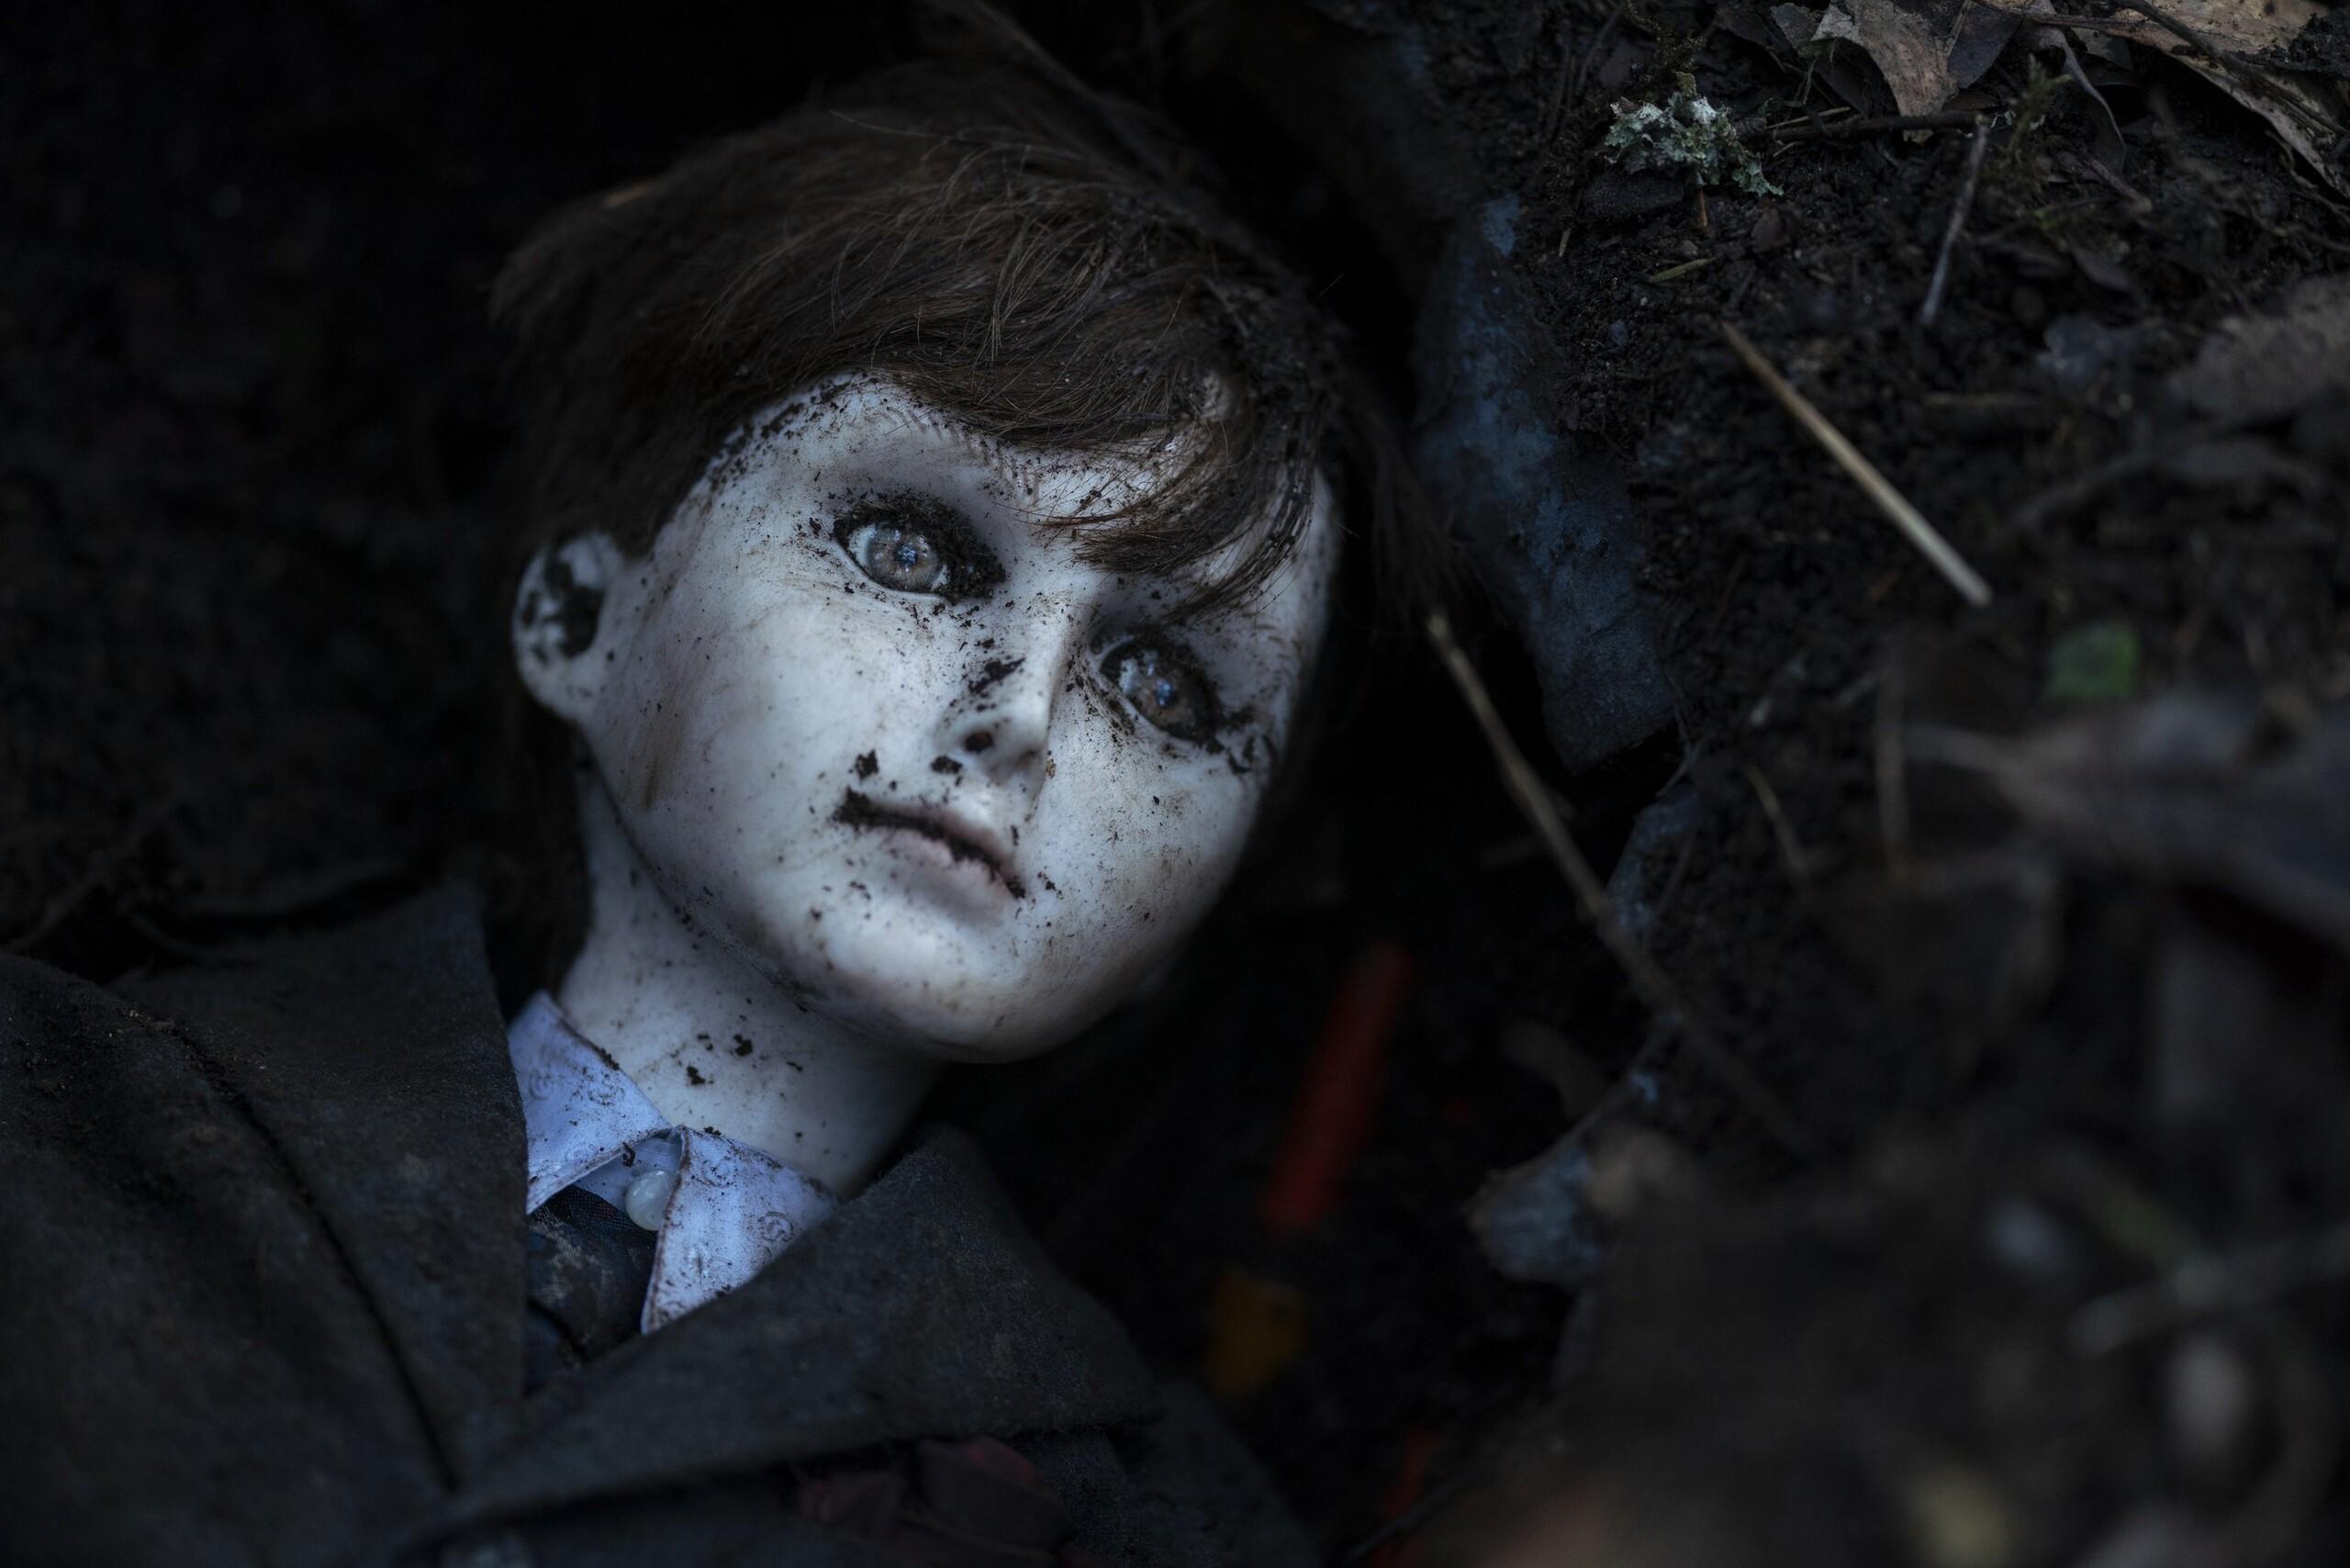 """Сиквел, который стоит посмотреть: """"Кукла 2. Брамс"""" 17"""